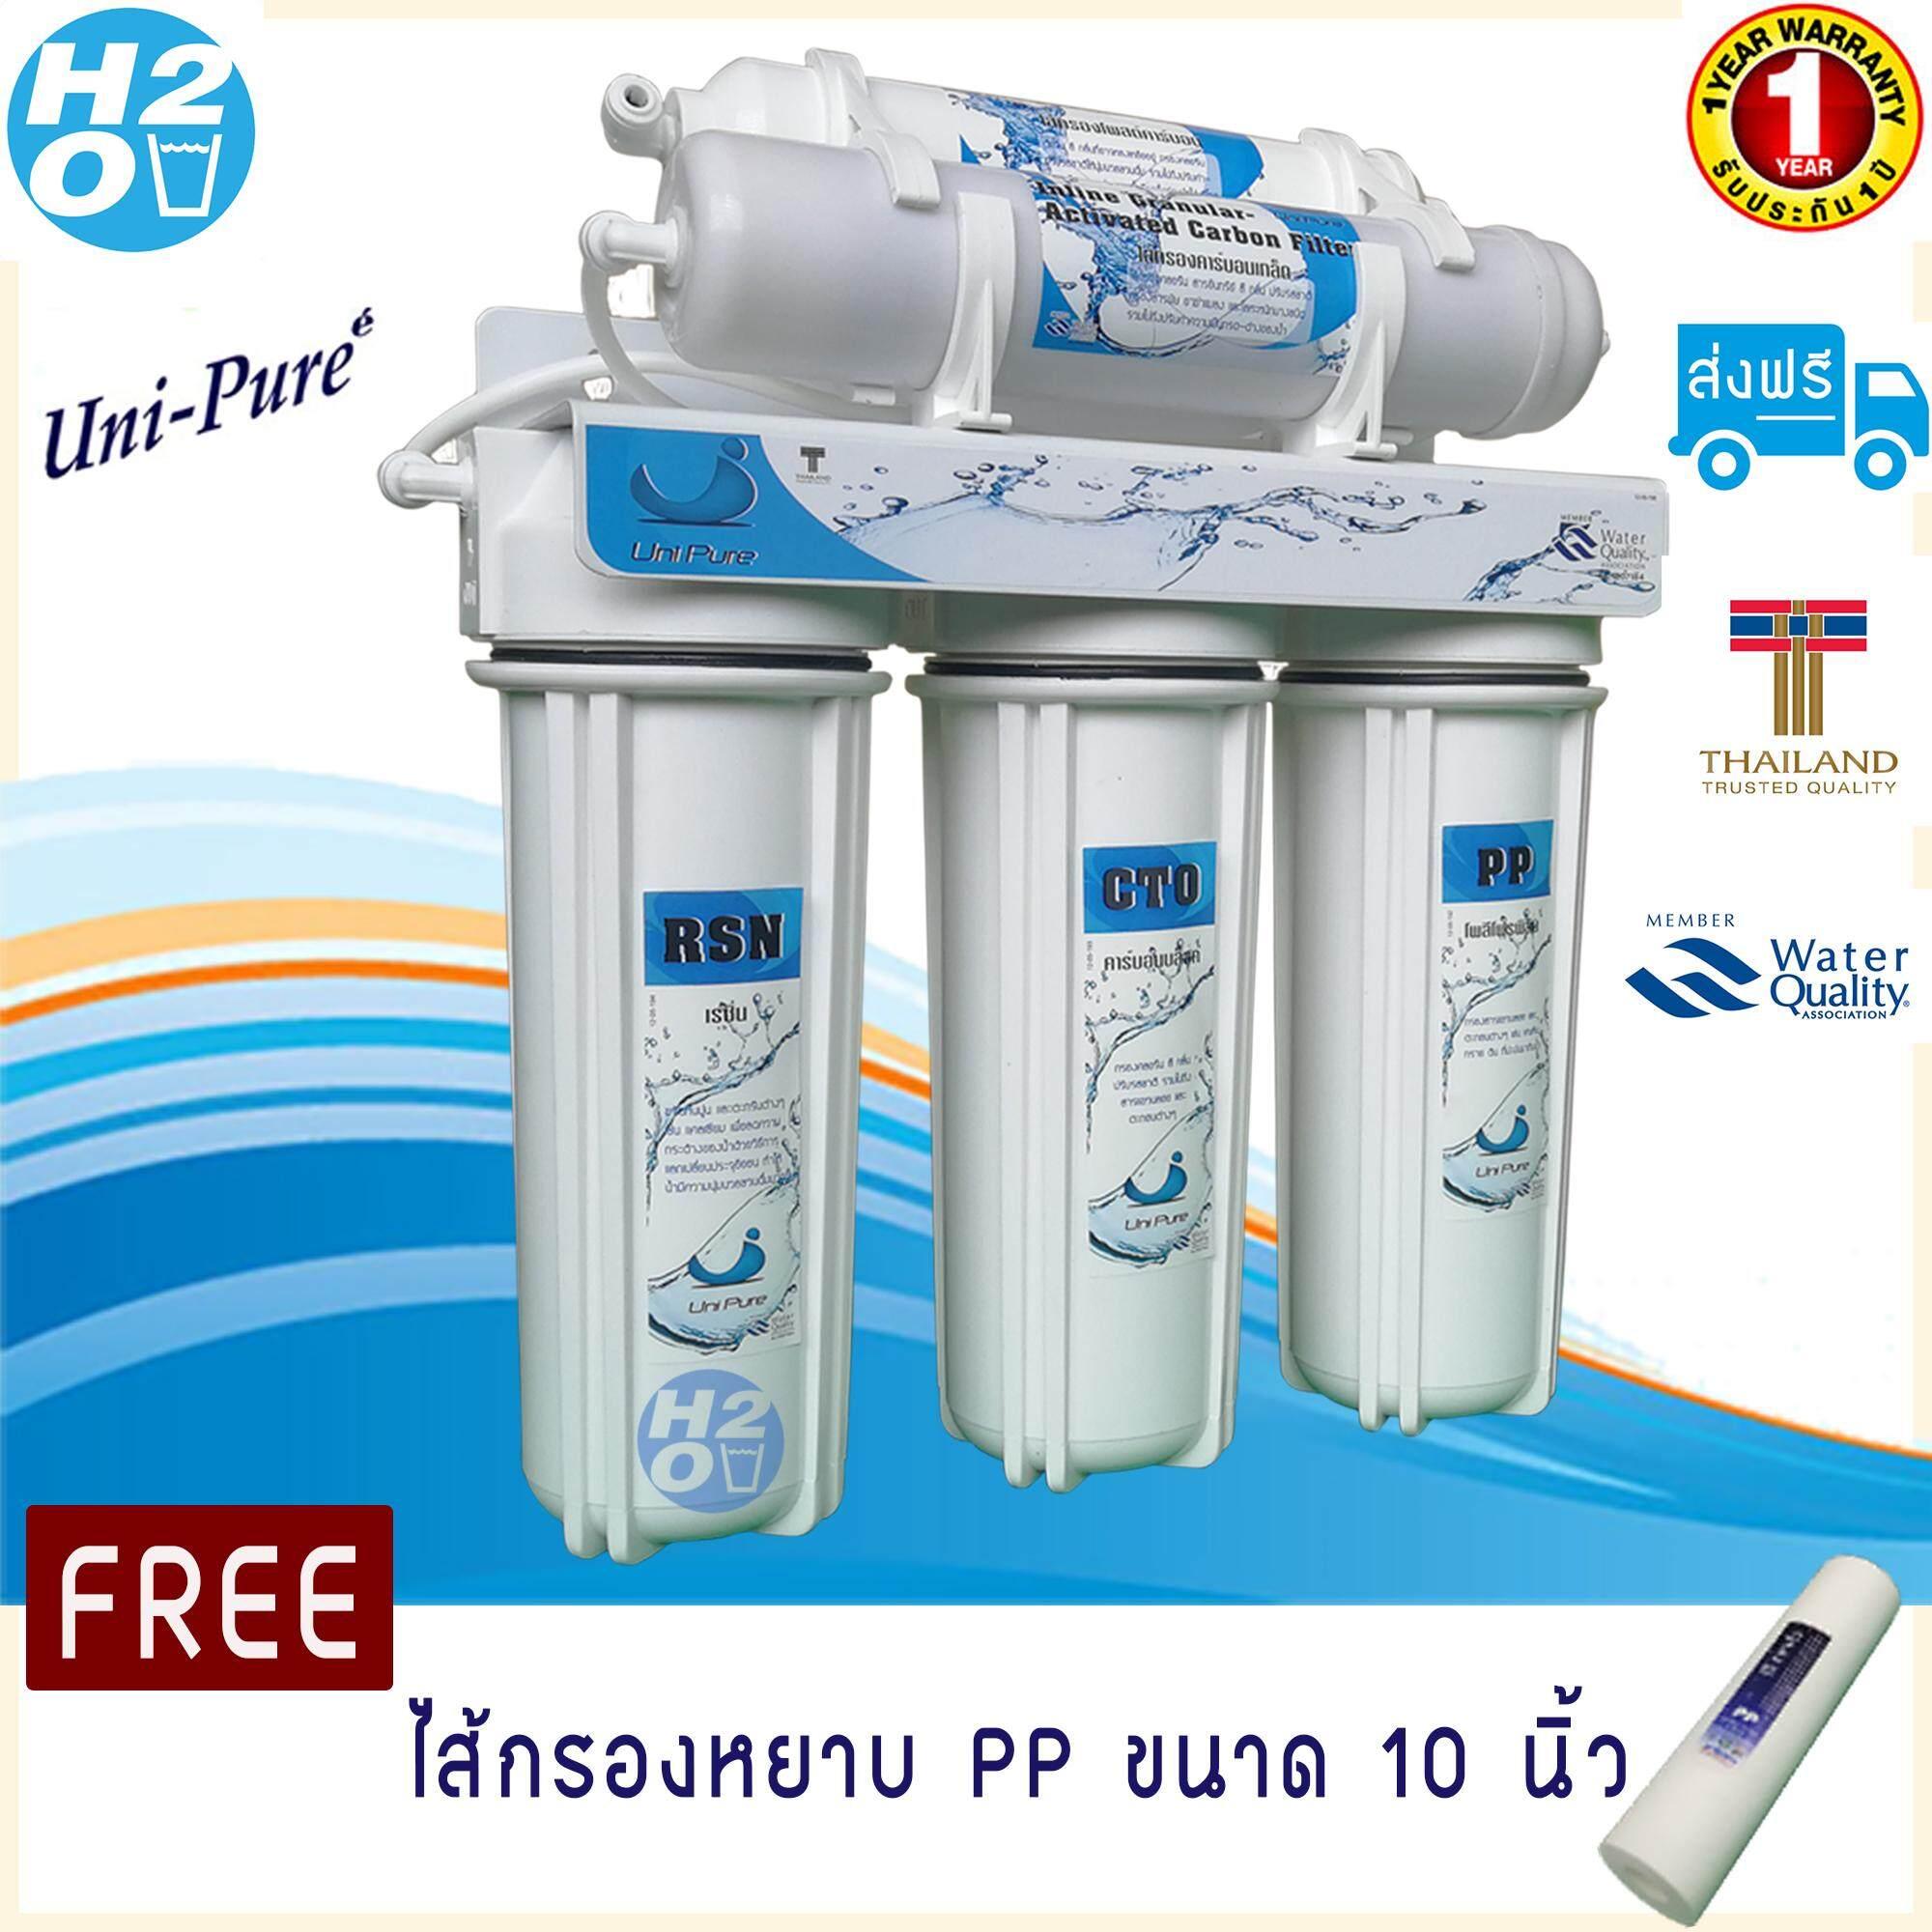 Uni Pure เครื่องกรองน้ำ มาตราฐาน 5 ขั้นตอน By H2o.